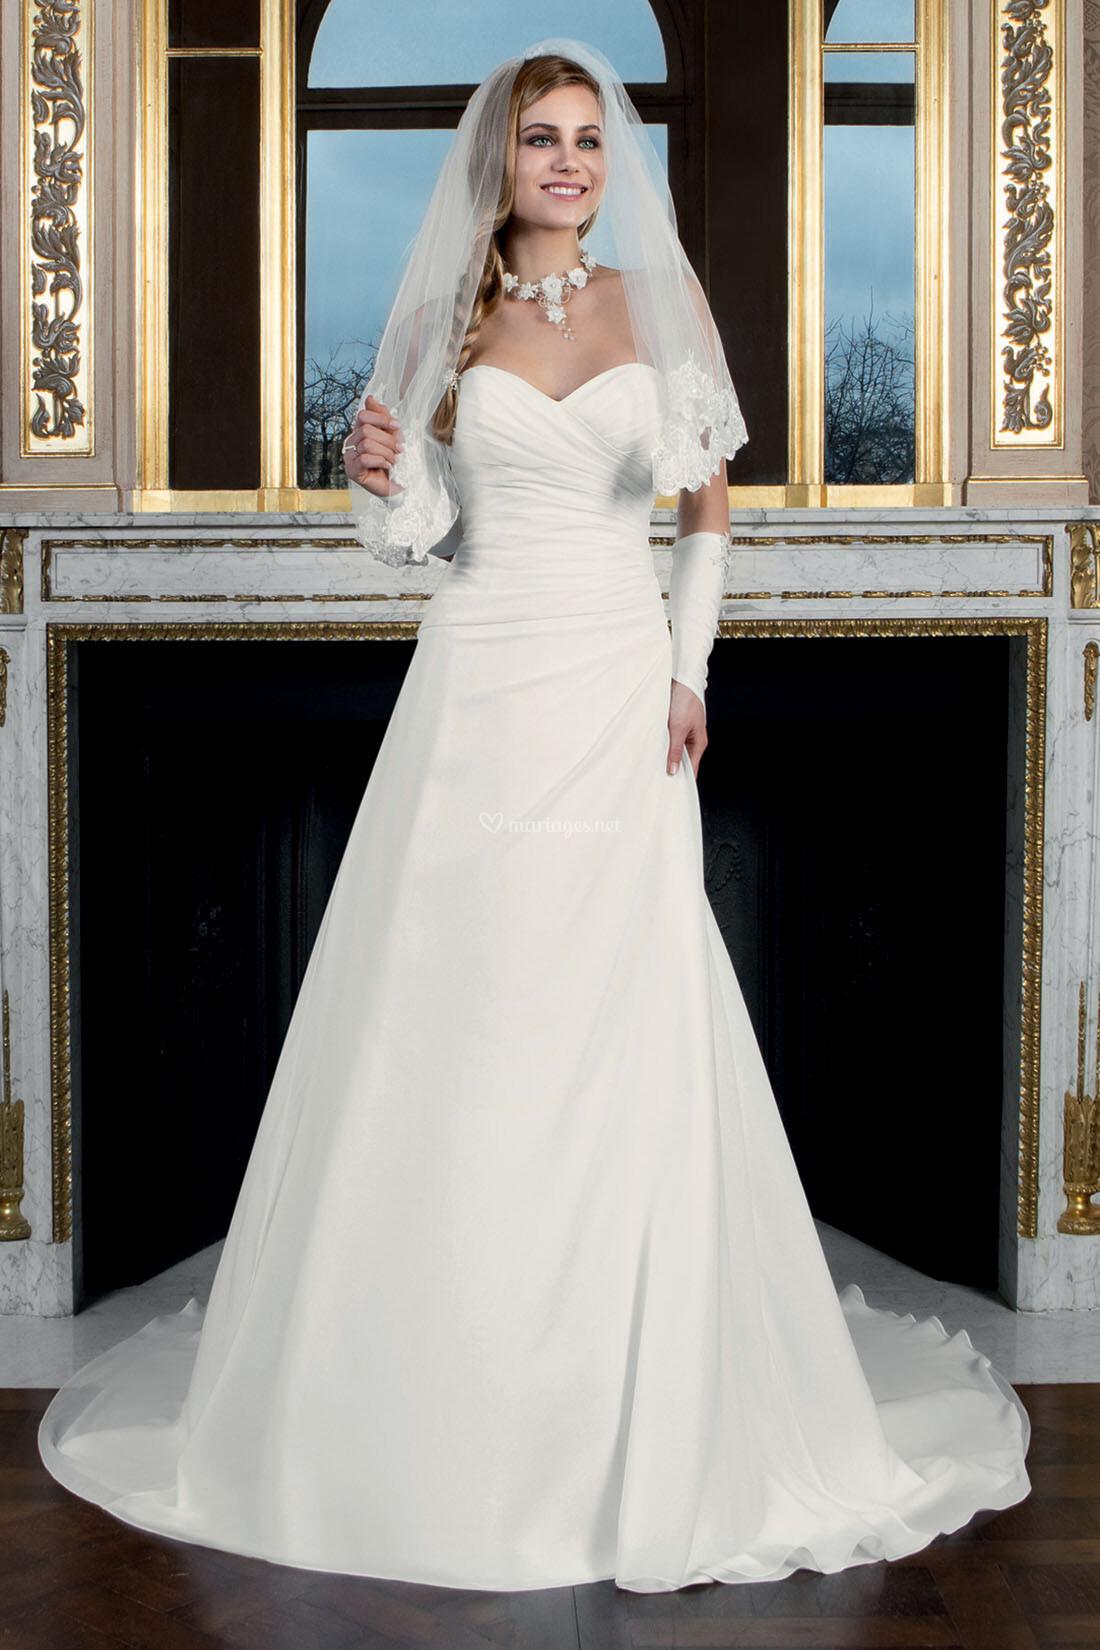 c55ddbc64d Robes de mariée de Bella Créations - Page 2 - Mariages.net